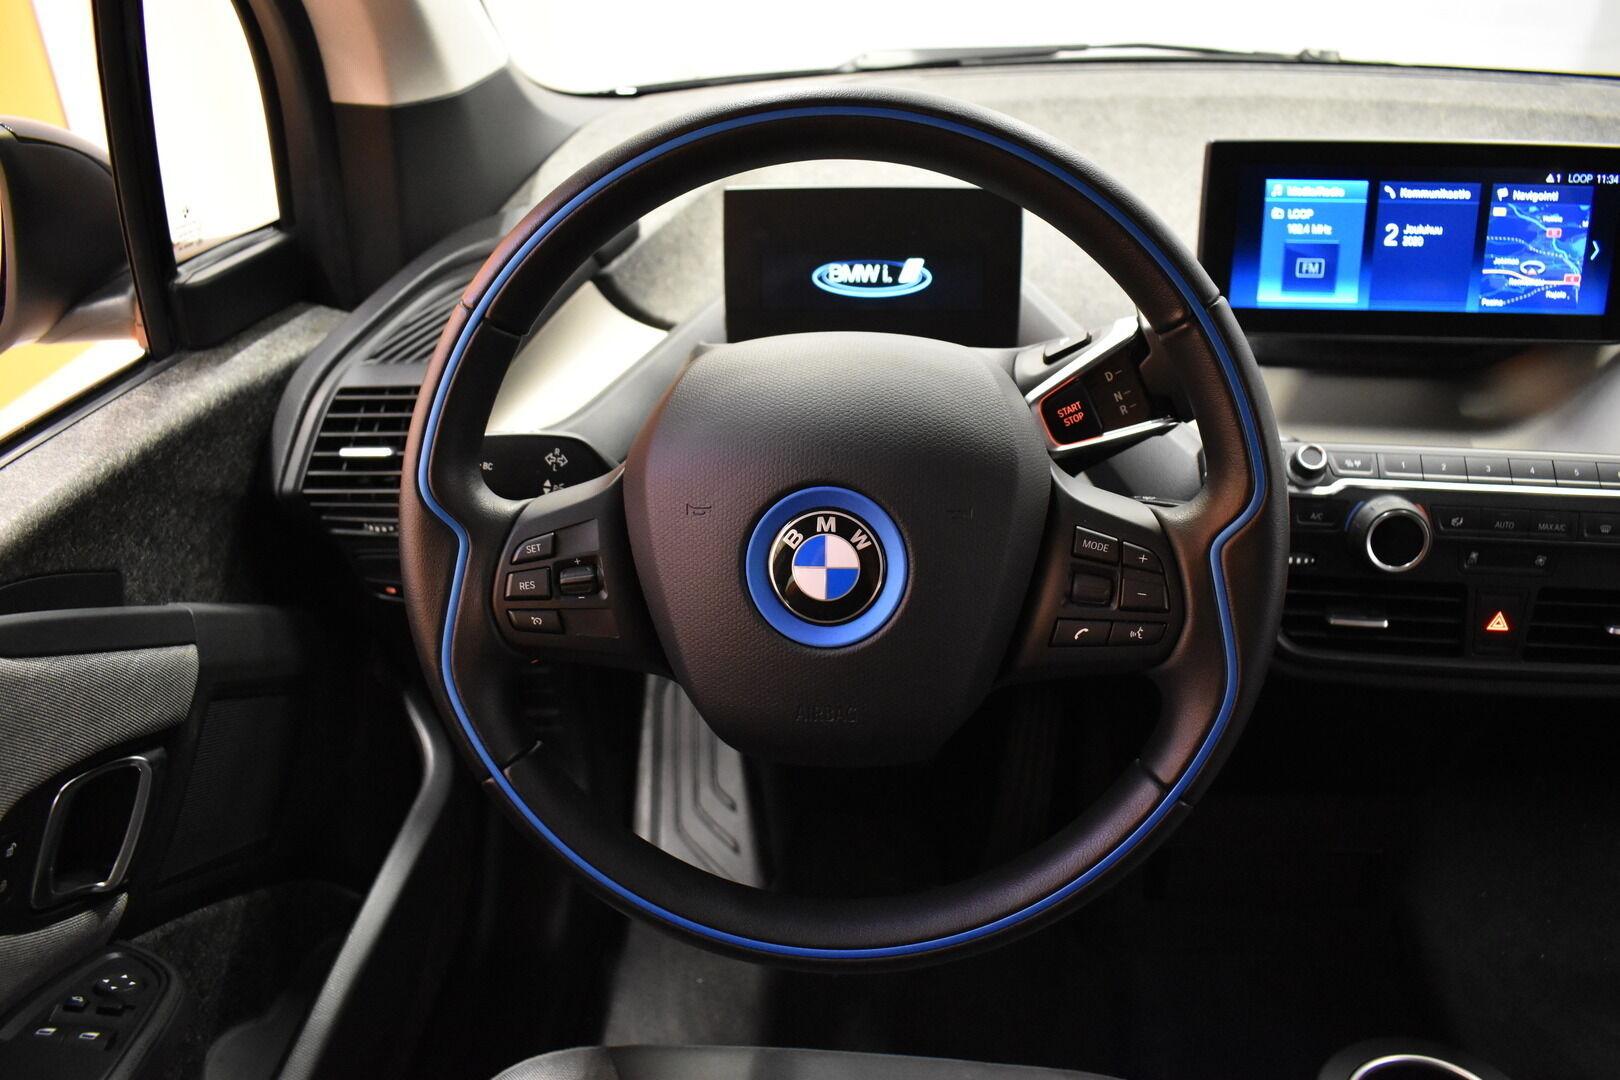 Monikäyttö, BMW i3 – LAH-81120, kuva 15